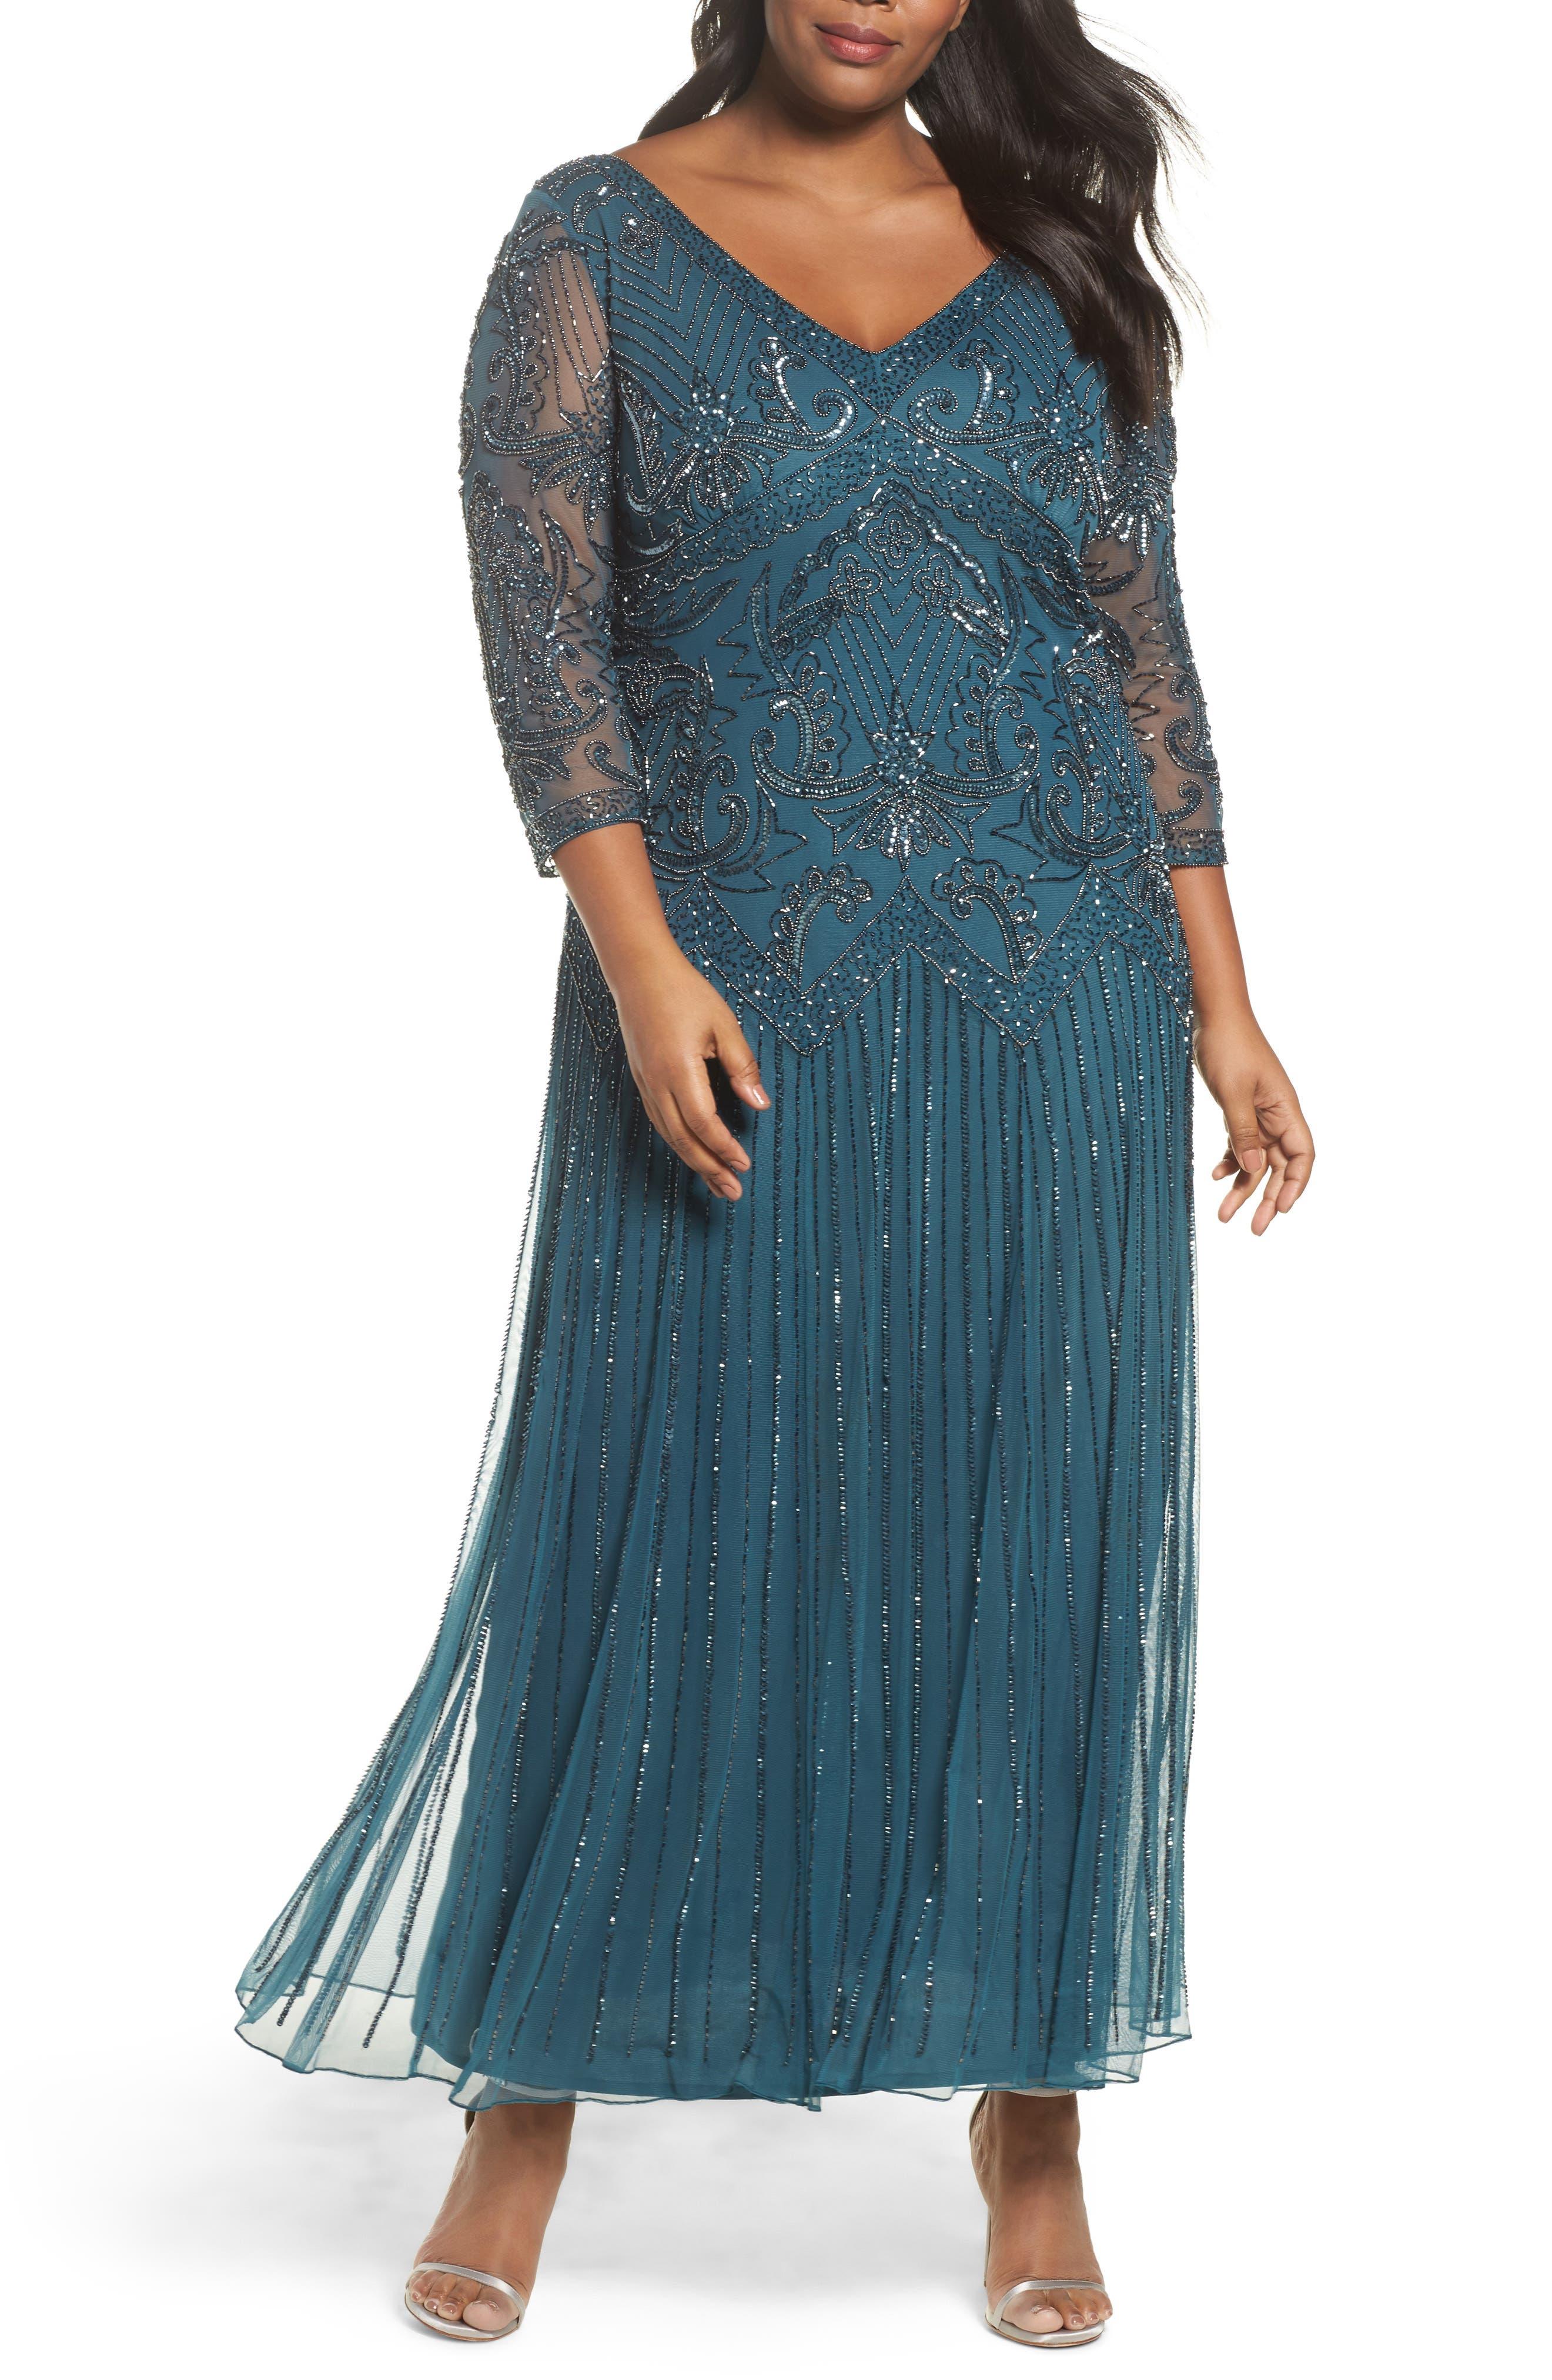 Main Image - Pisarro Nights Embellished Double V-Neck Long Dress (Plus Size)